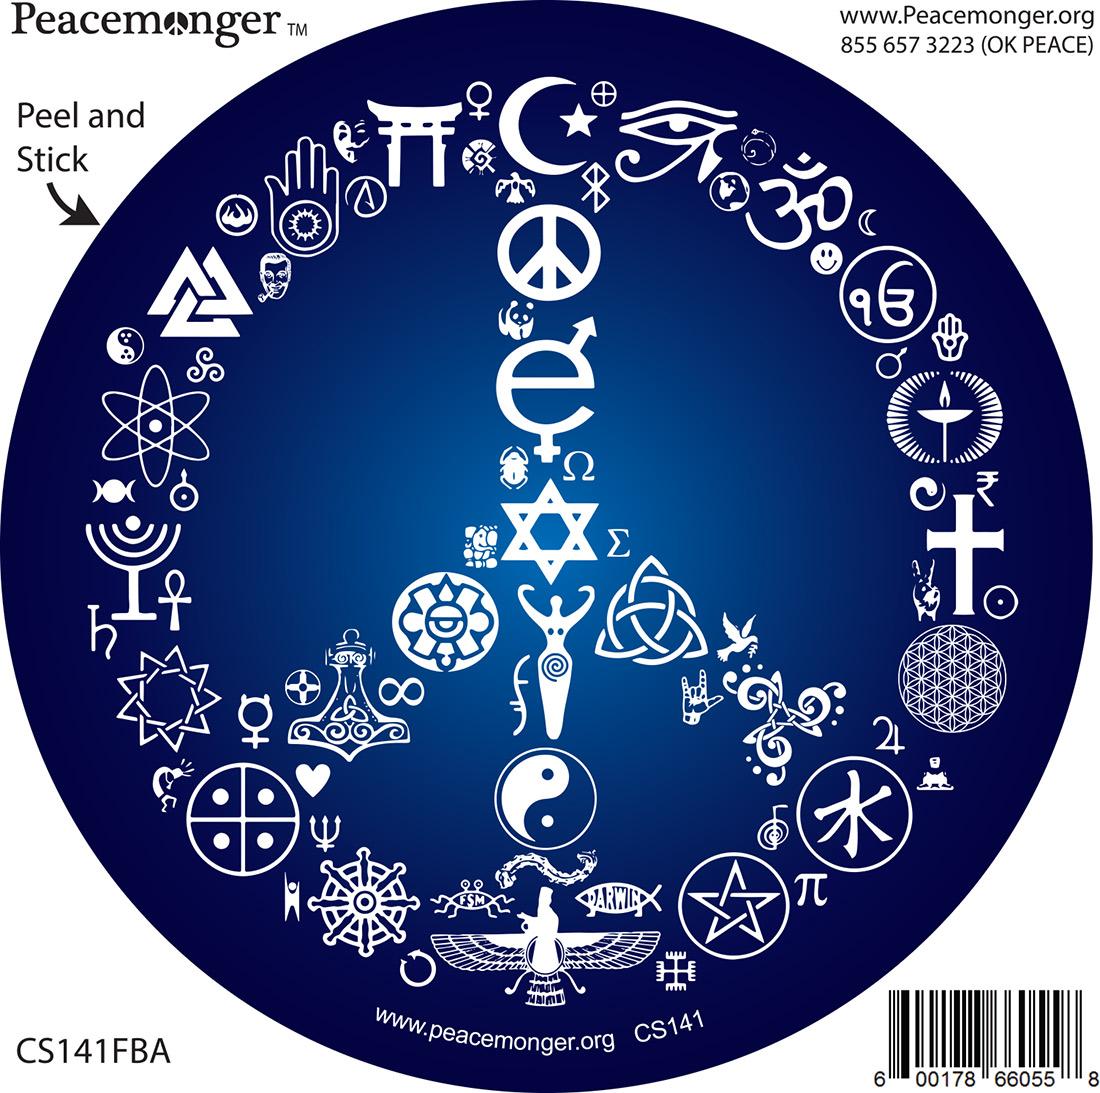 CS141 Coexist Peace Symbol Mosaic Interfaith Mythology